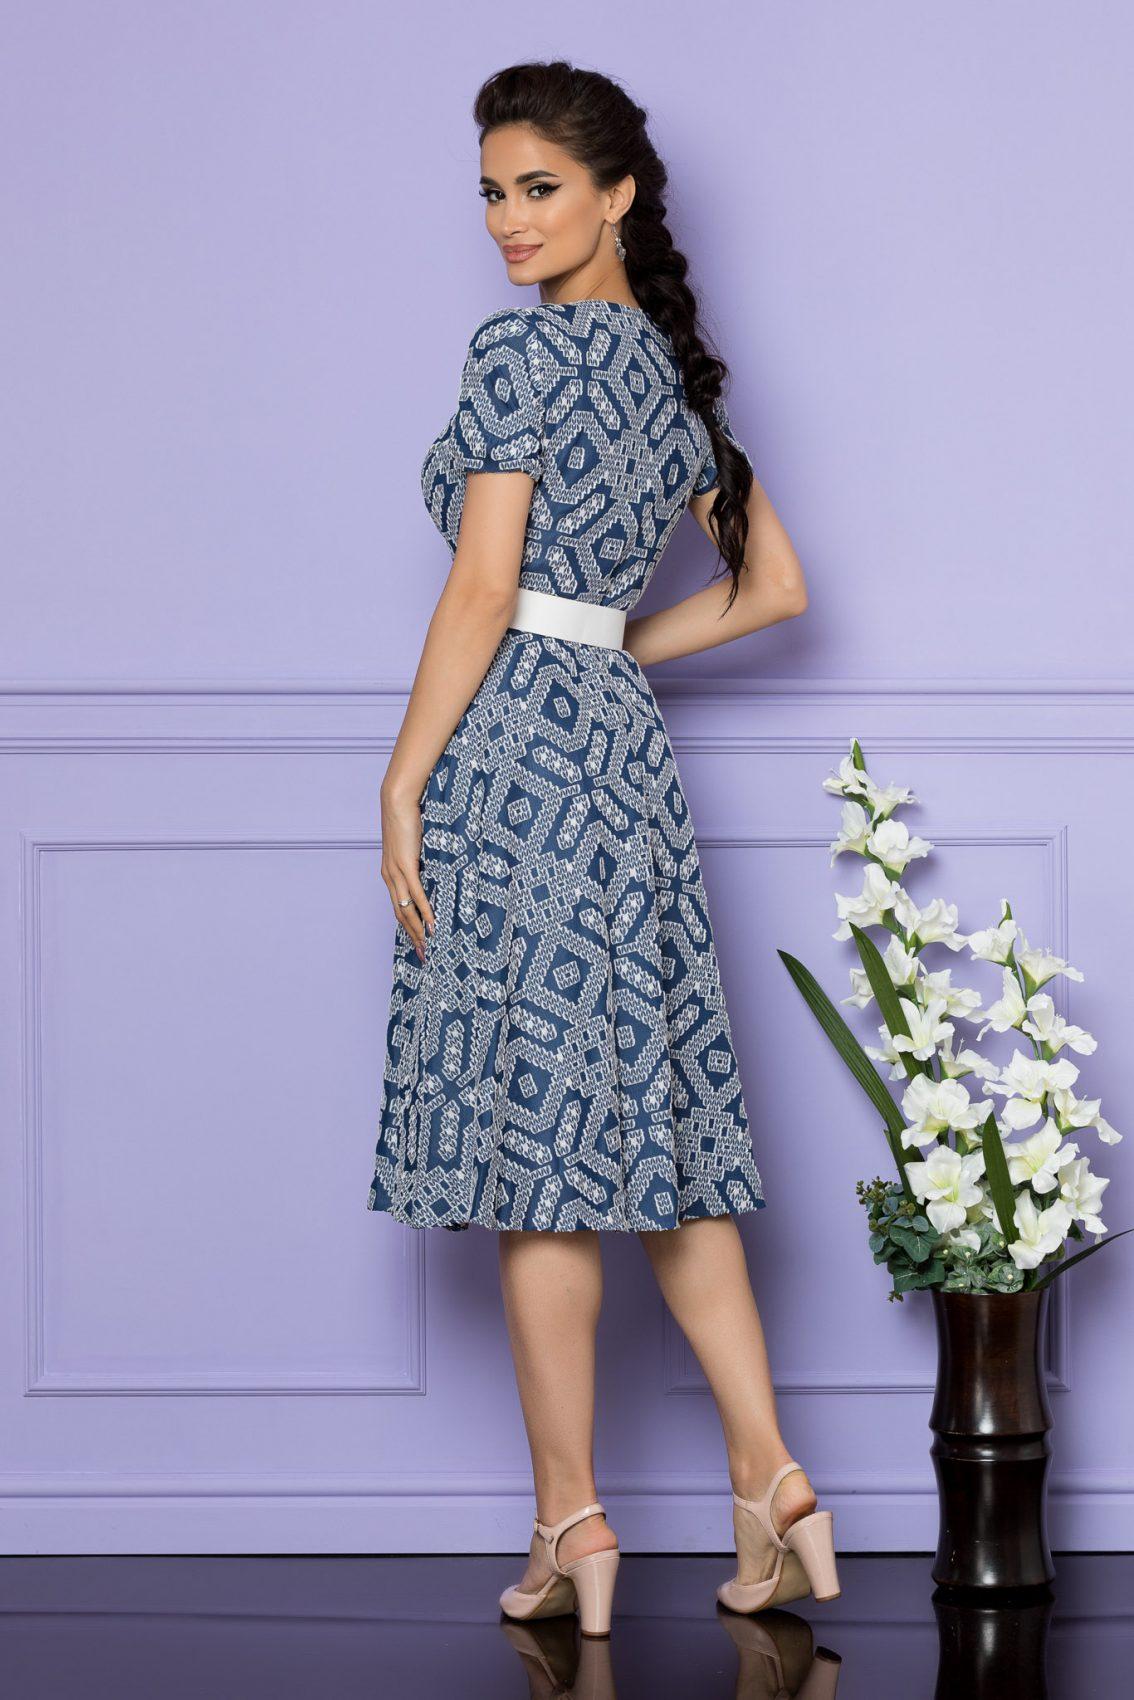 Μπλε Μίντι Κοντομάνικο Φόρεμα Patricia A694 2